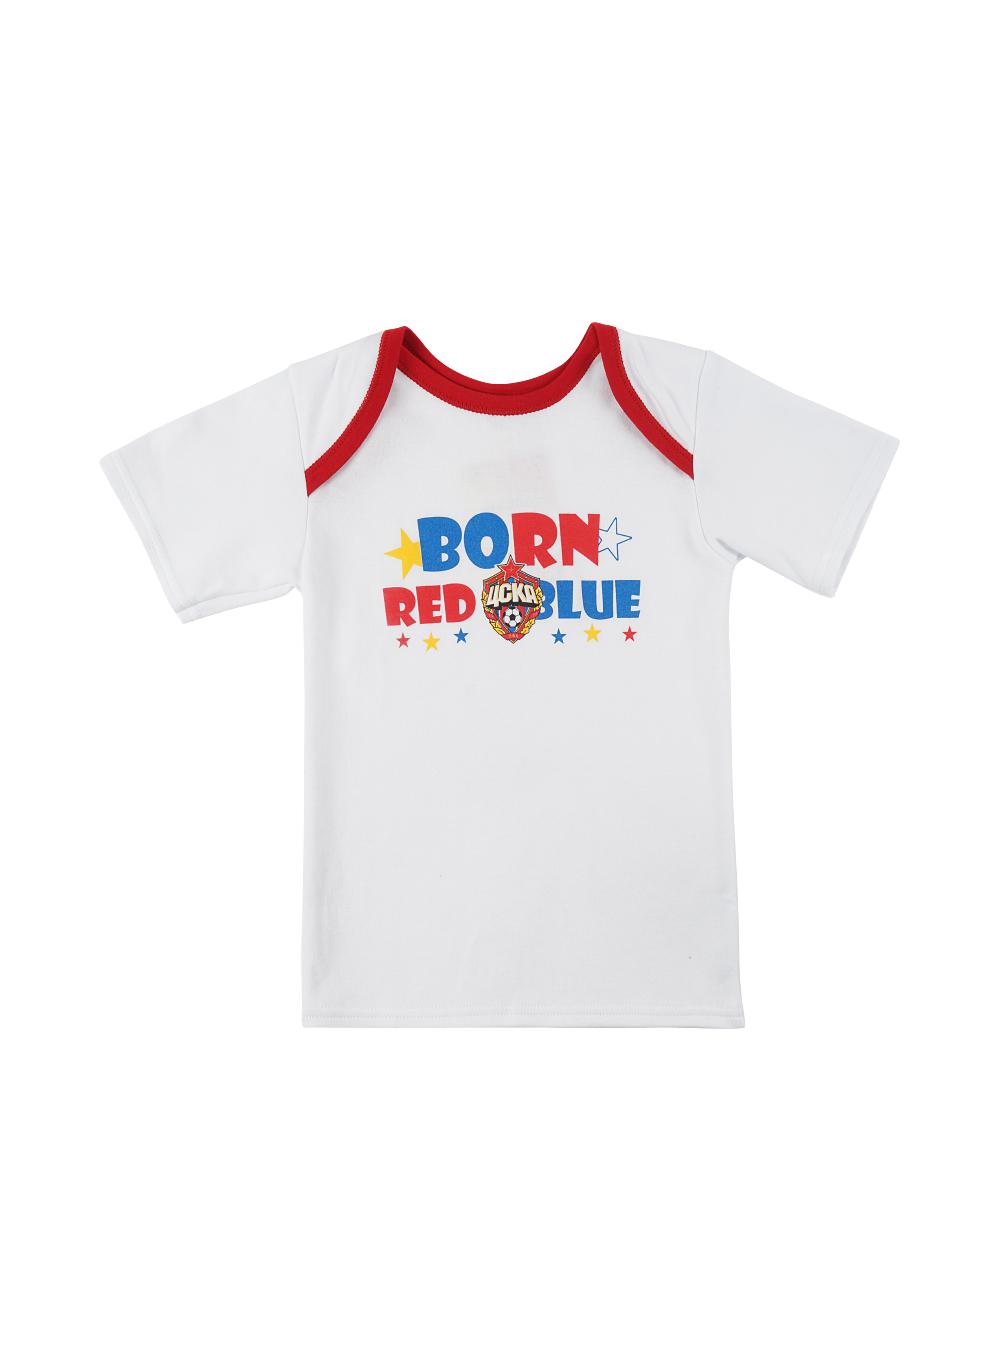 Футболка с коротким рукавом BORN RED BLUE, цвет белый (30(98-104))Для самых маленьких<br>Футболка с коротким рукавом BORN RED BLUE, цвет белый<br>